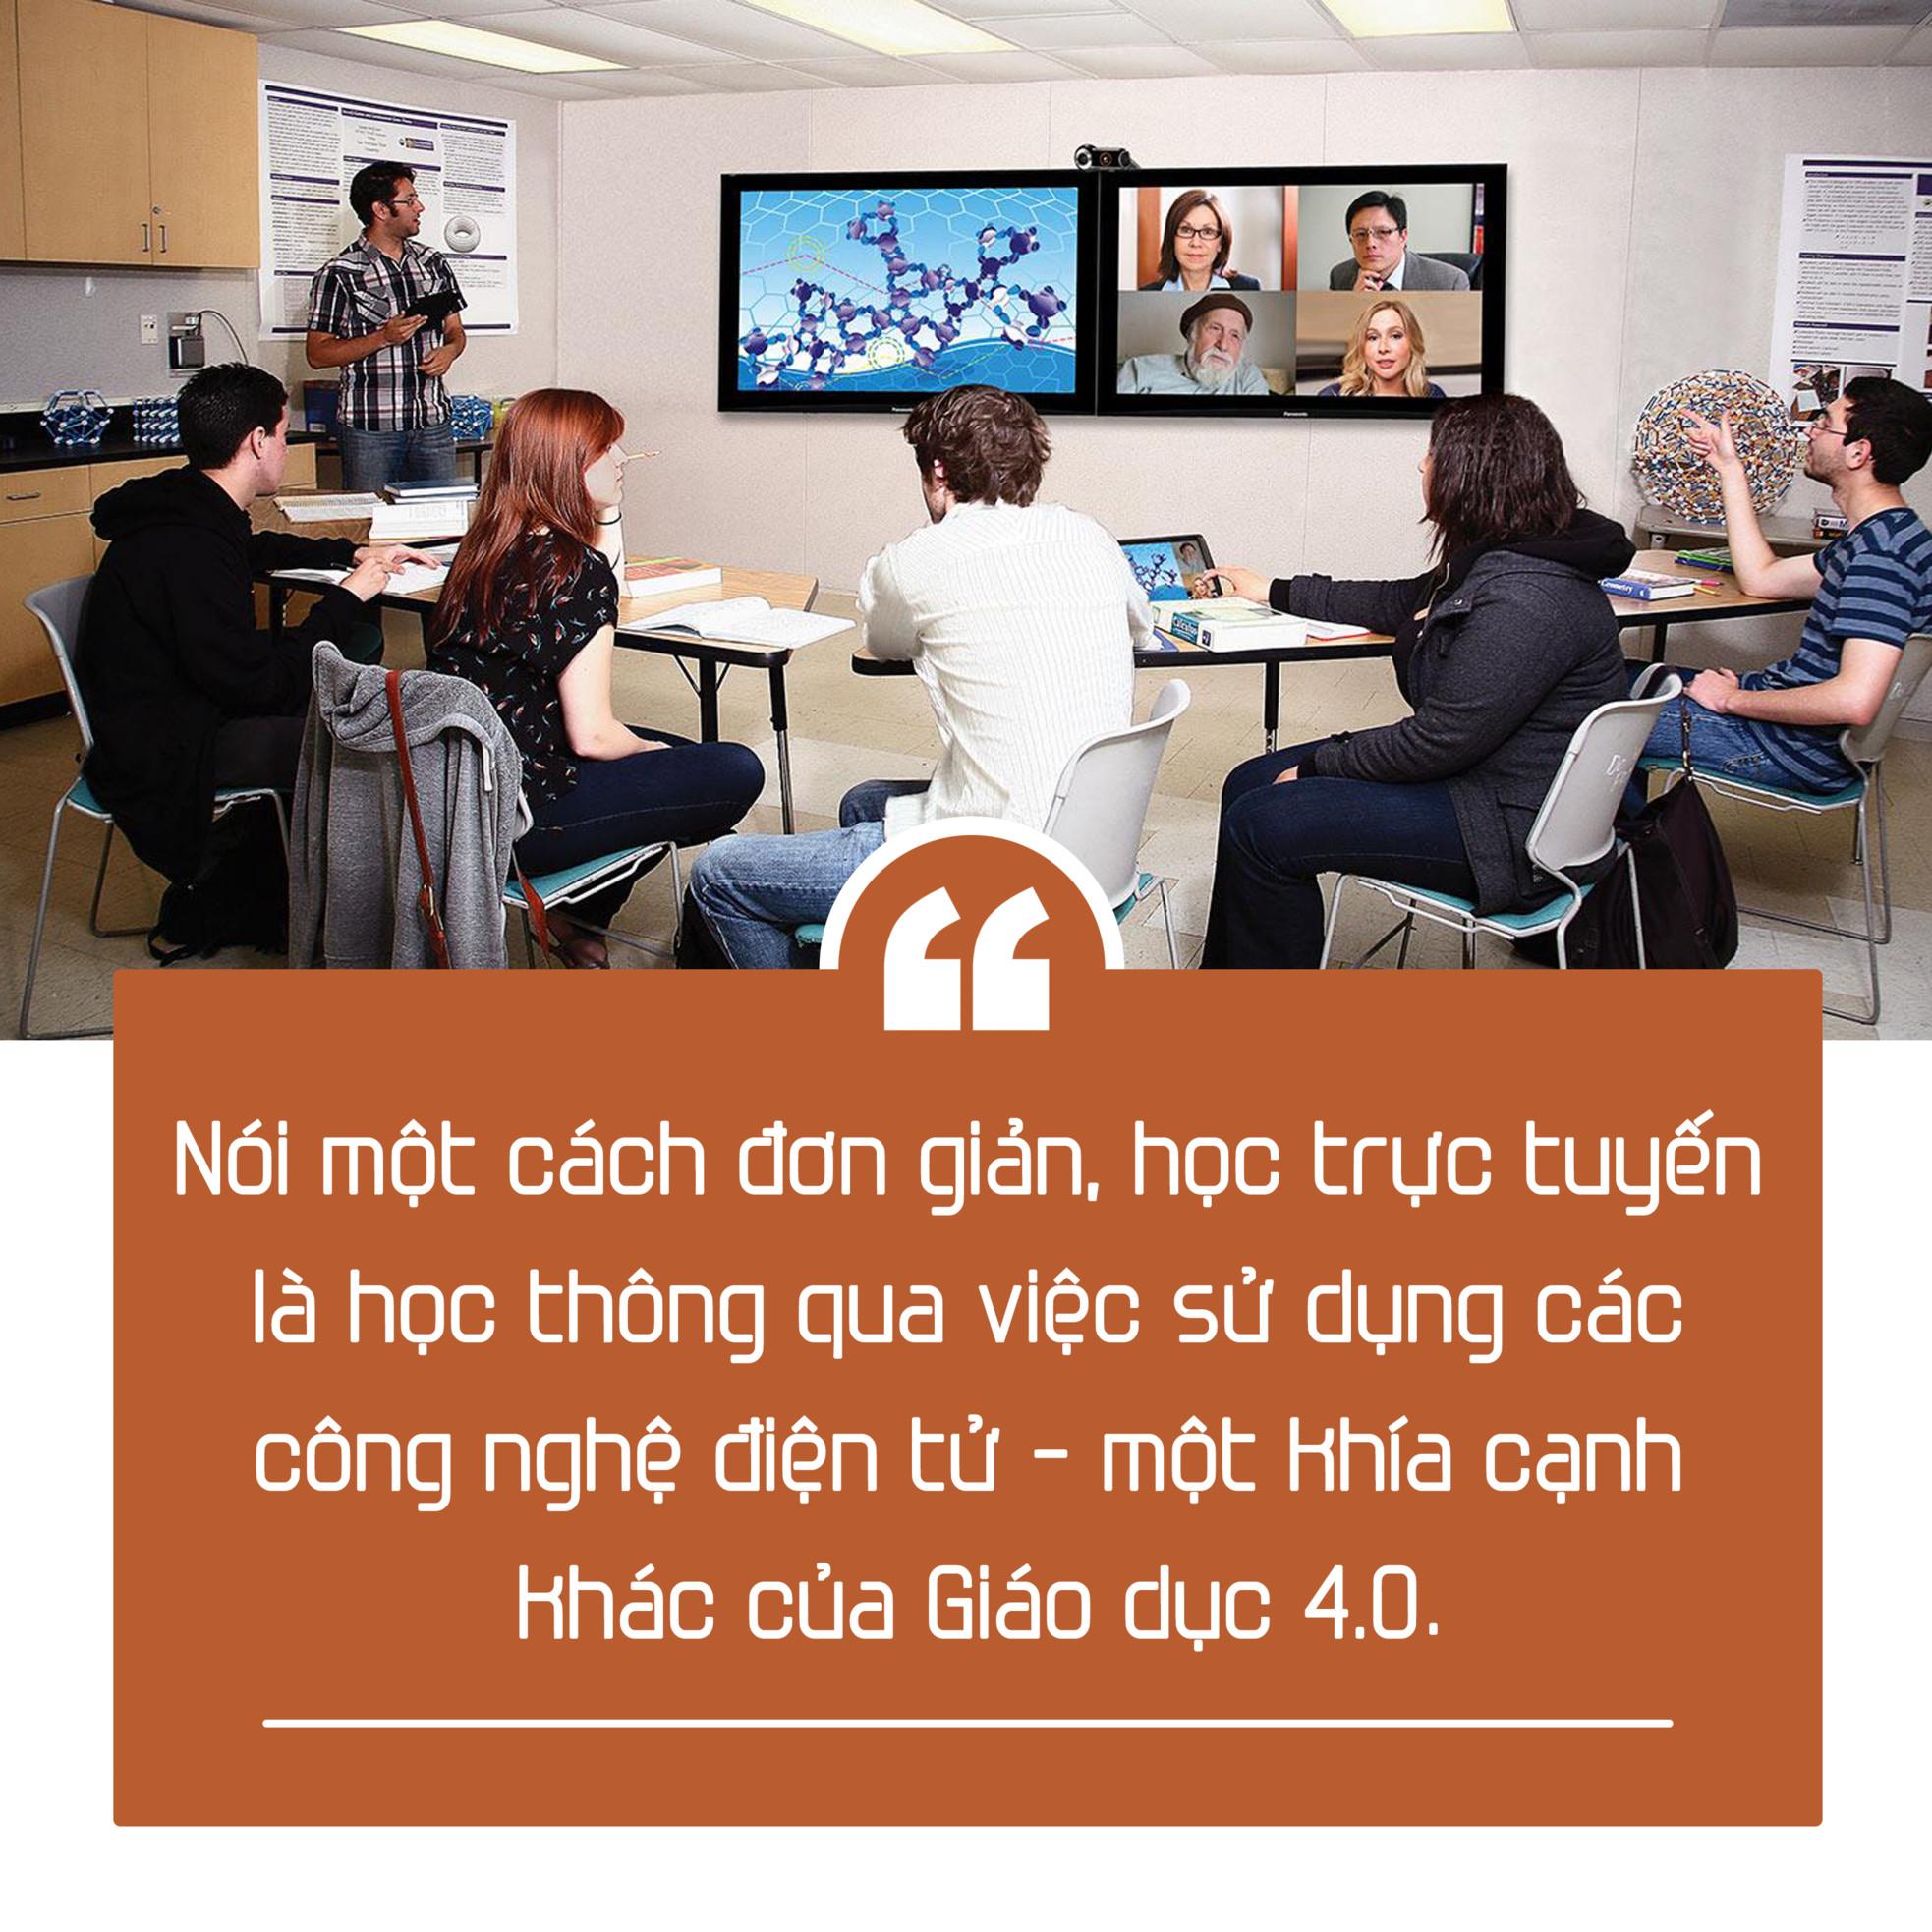 Giáo dục trực tuyến sẽ bộc lộ rõ hơn ý nghĩa thực tiễn mà bấy lâu nay chúng ta chưa nhìn thấy hết